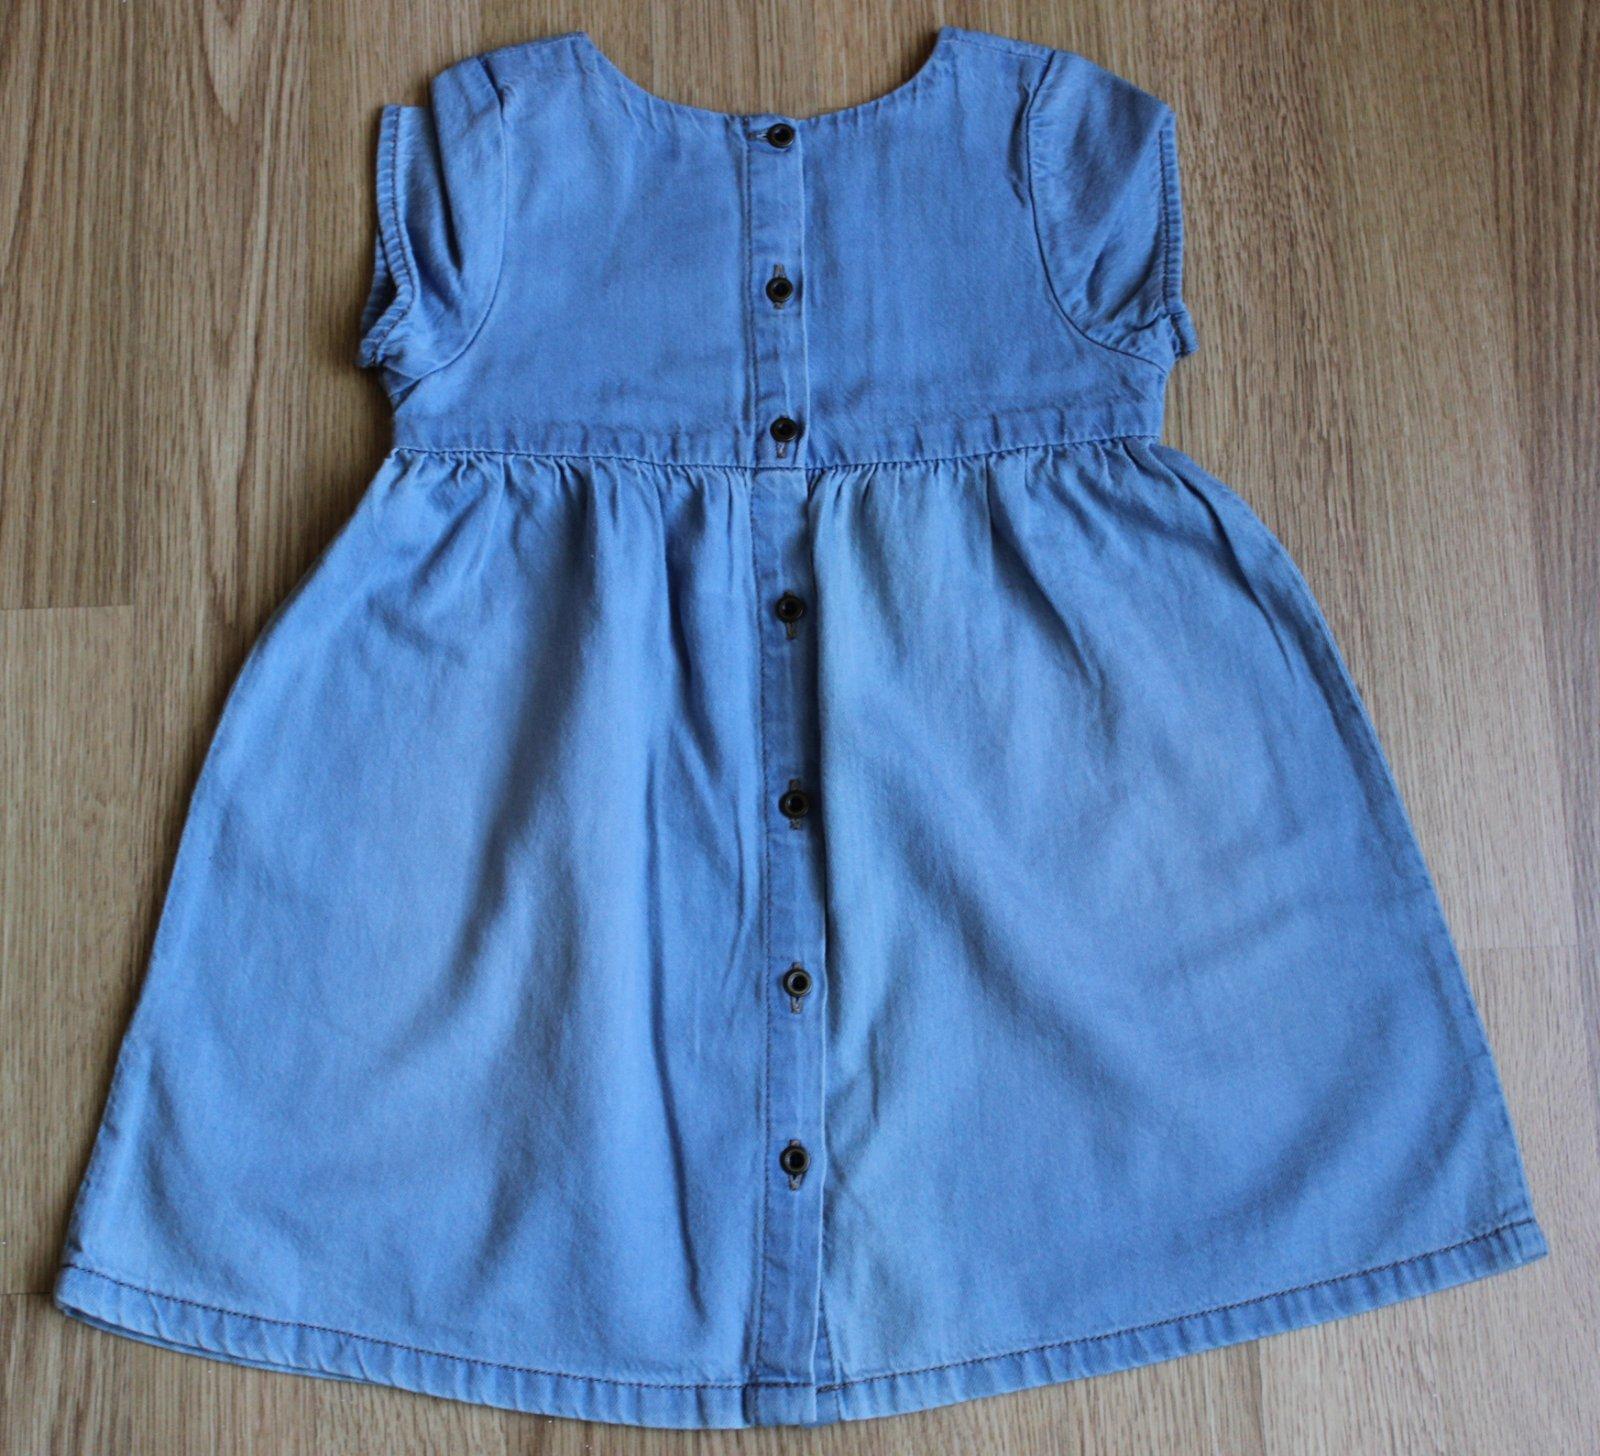 Rifľové šatôčky NEXT 98 - Obrázok č. 2